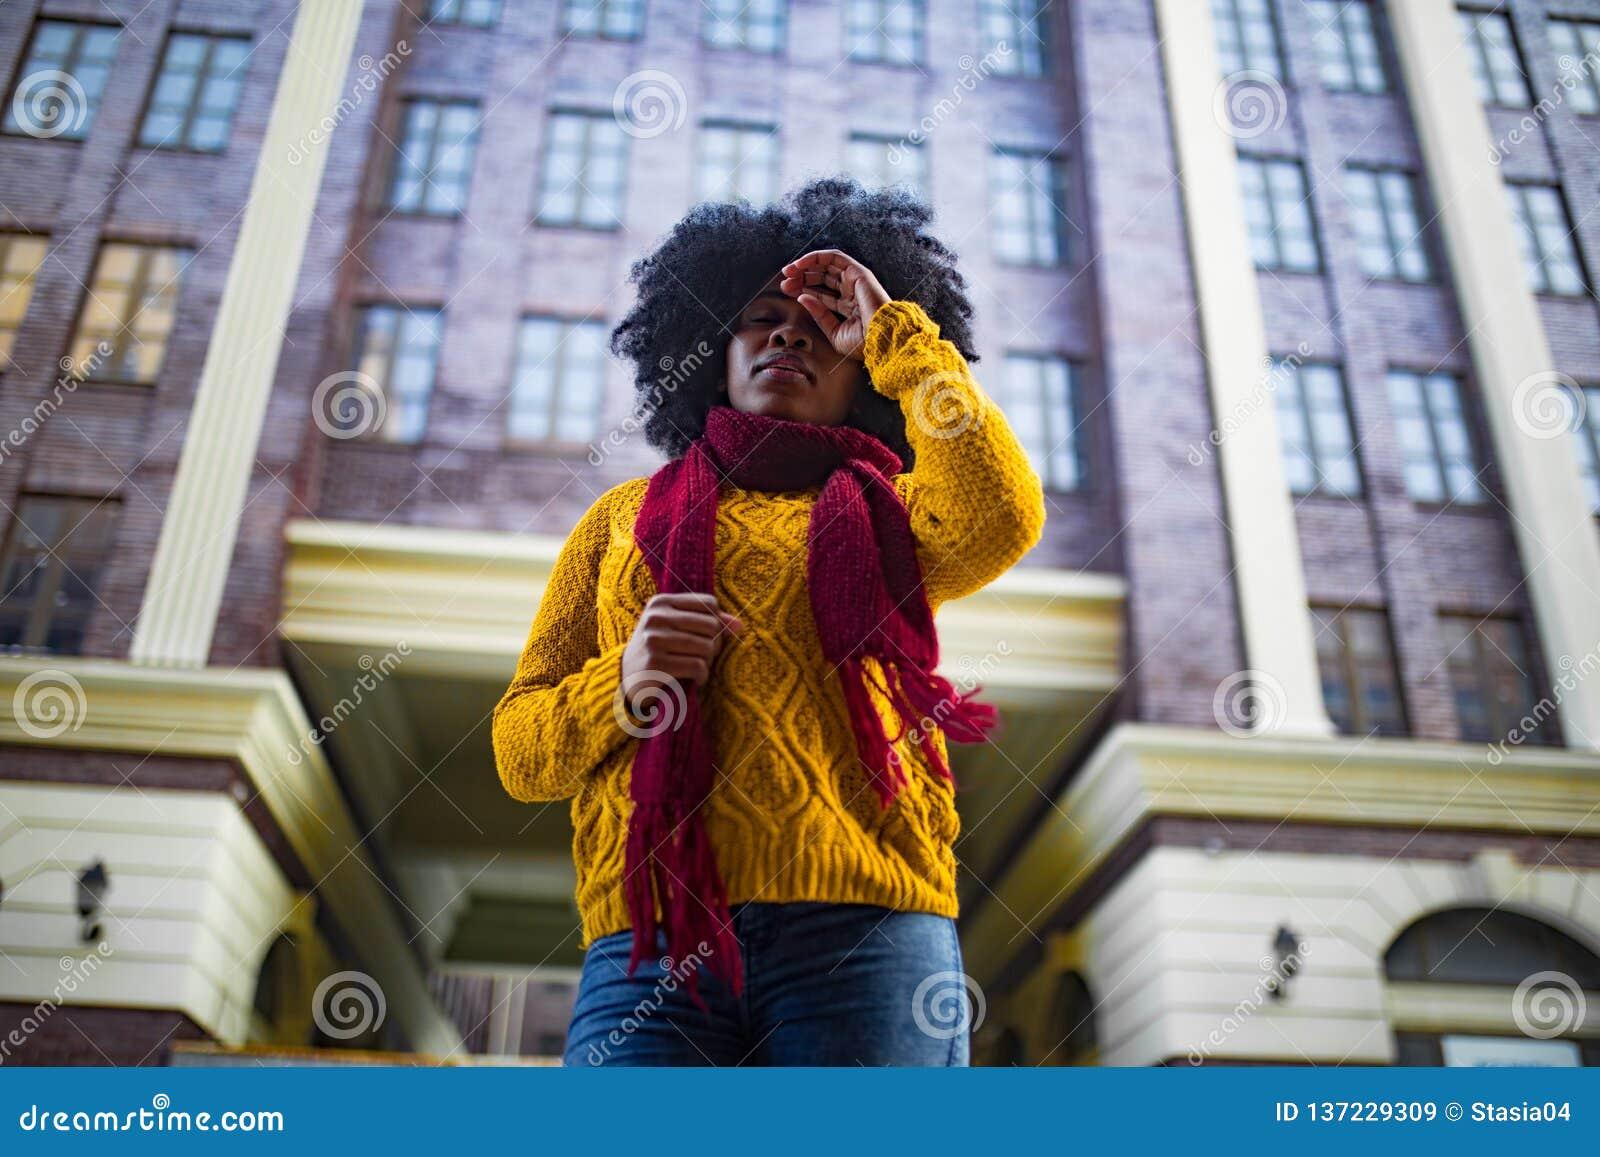 Junge schwarze traurige Frau steht gegen Hintergrund des Gebäudes